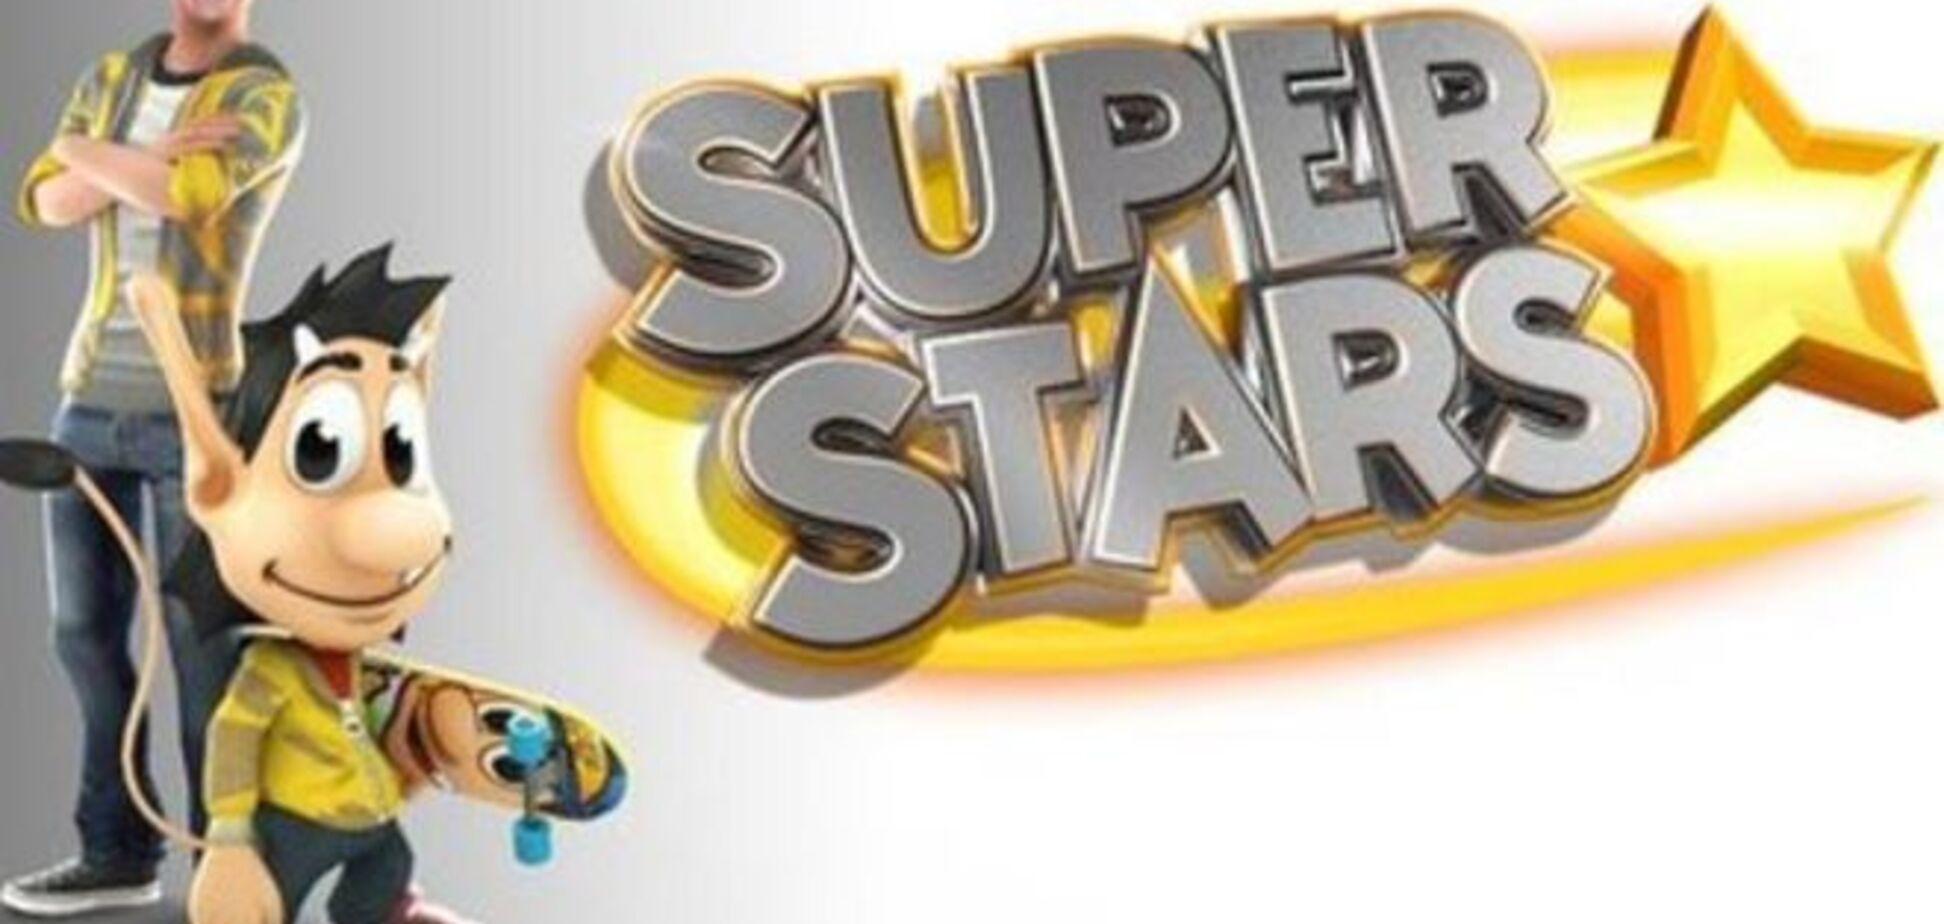 Роналду став героєм знаменитої дитячої гри: відео квесту